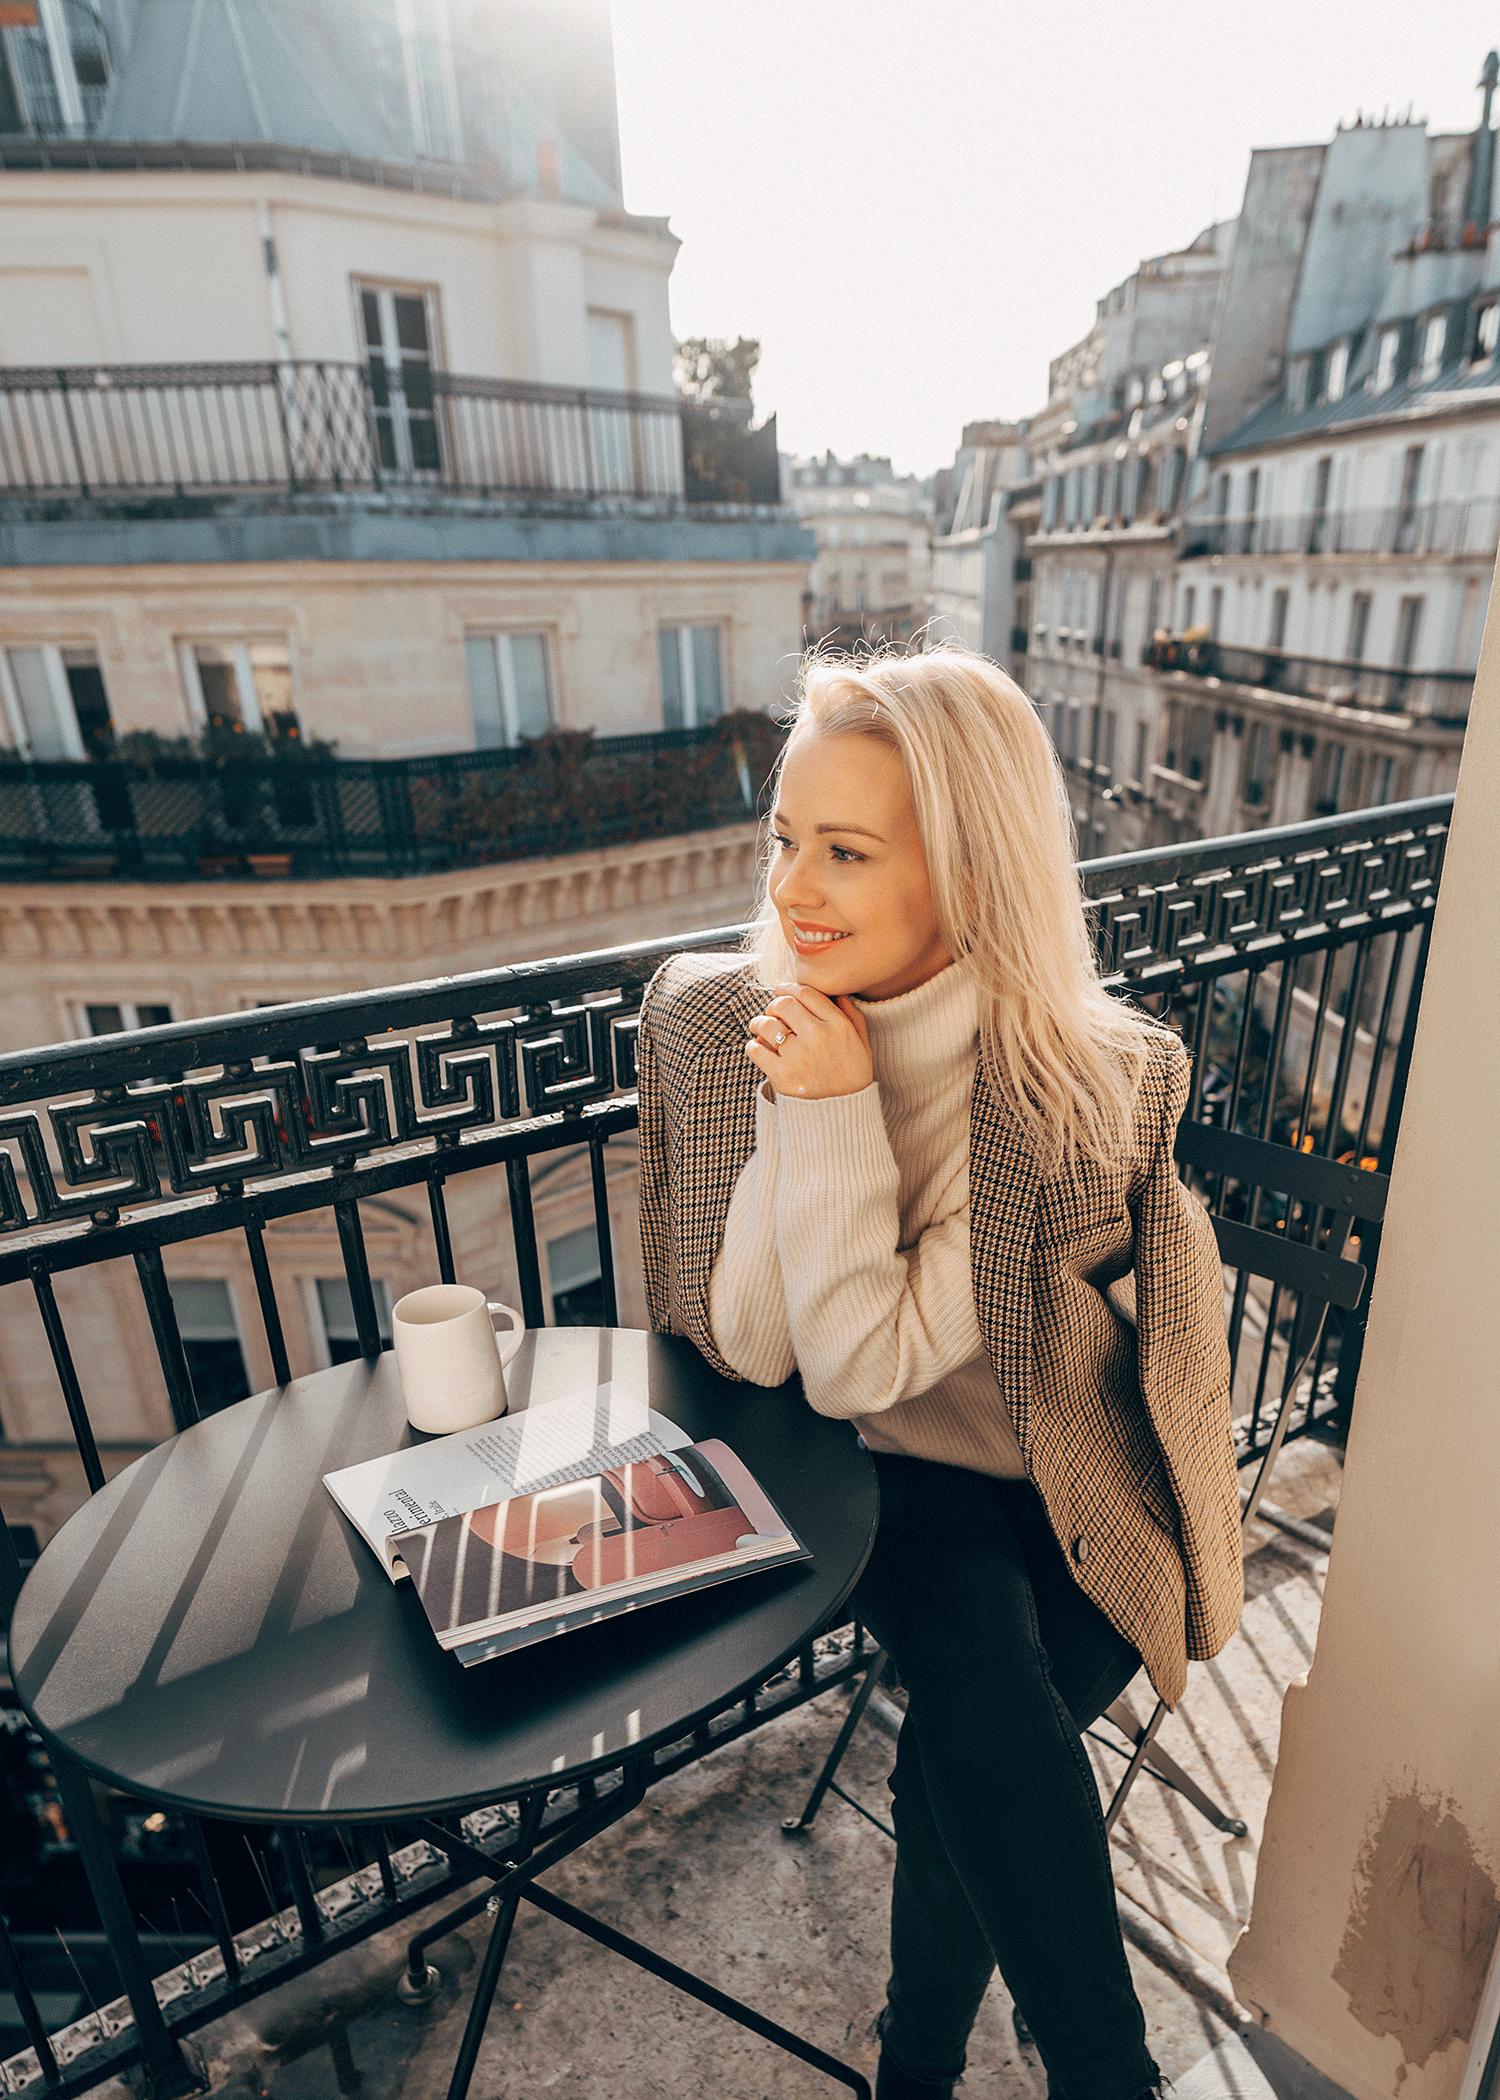 Pariisiparveke2